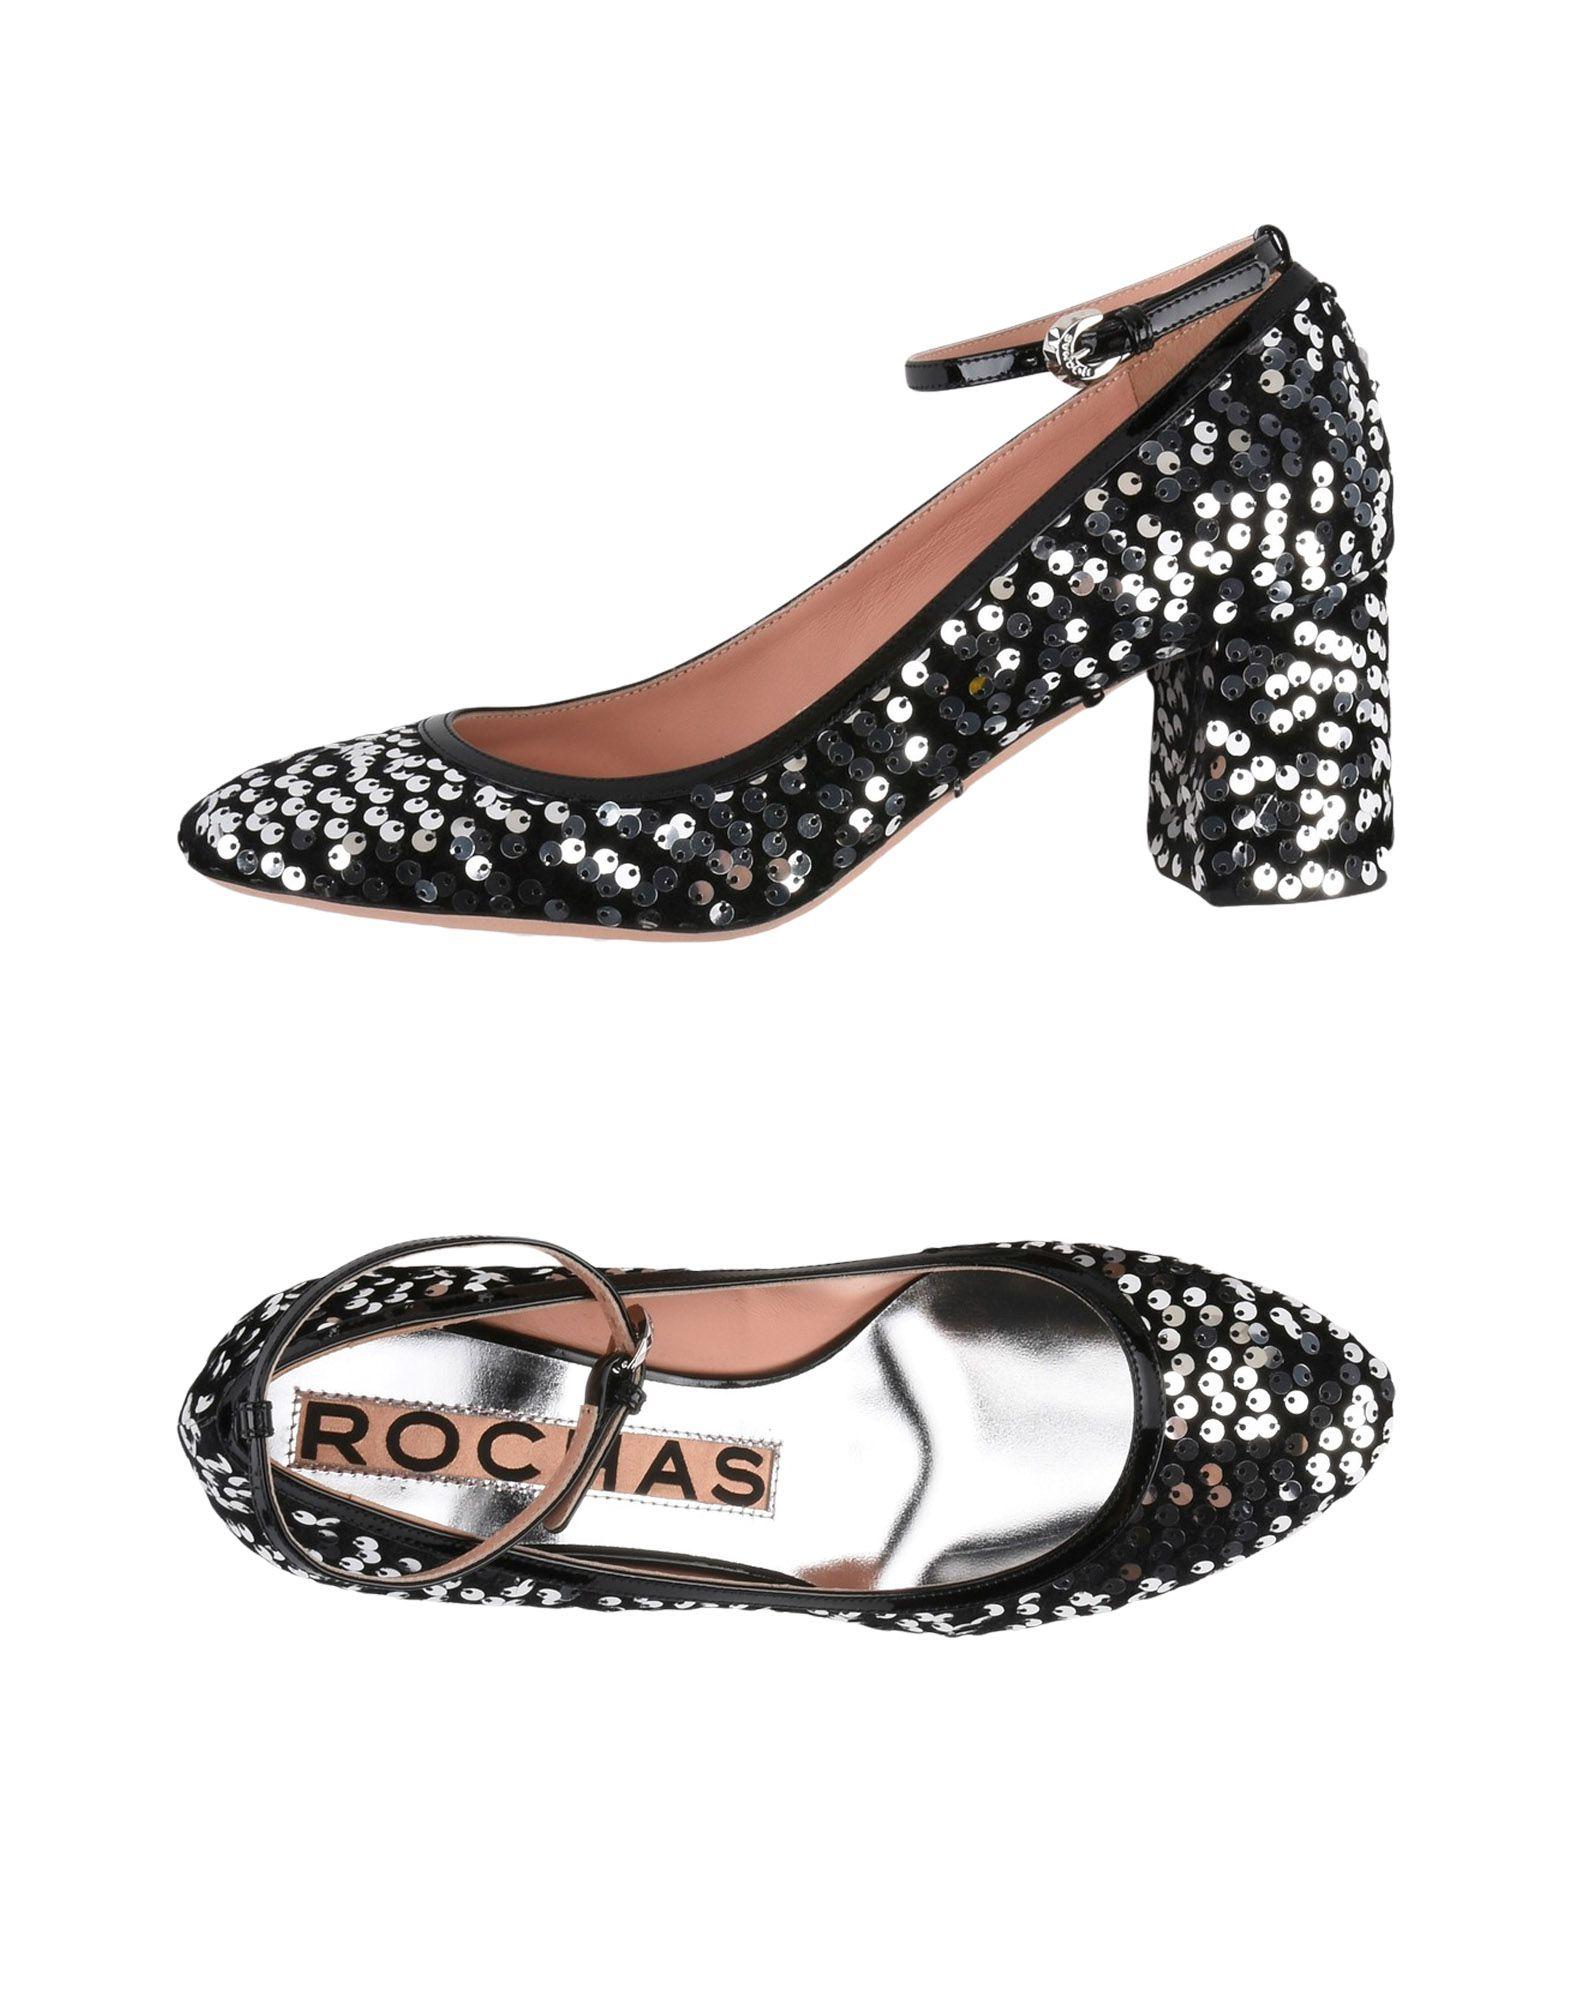 ROCHAS Туфли туфли rochas туфли на каблуке